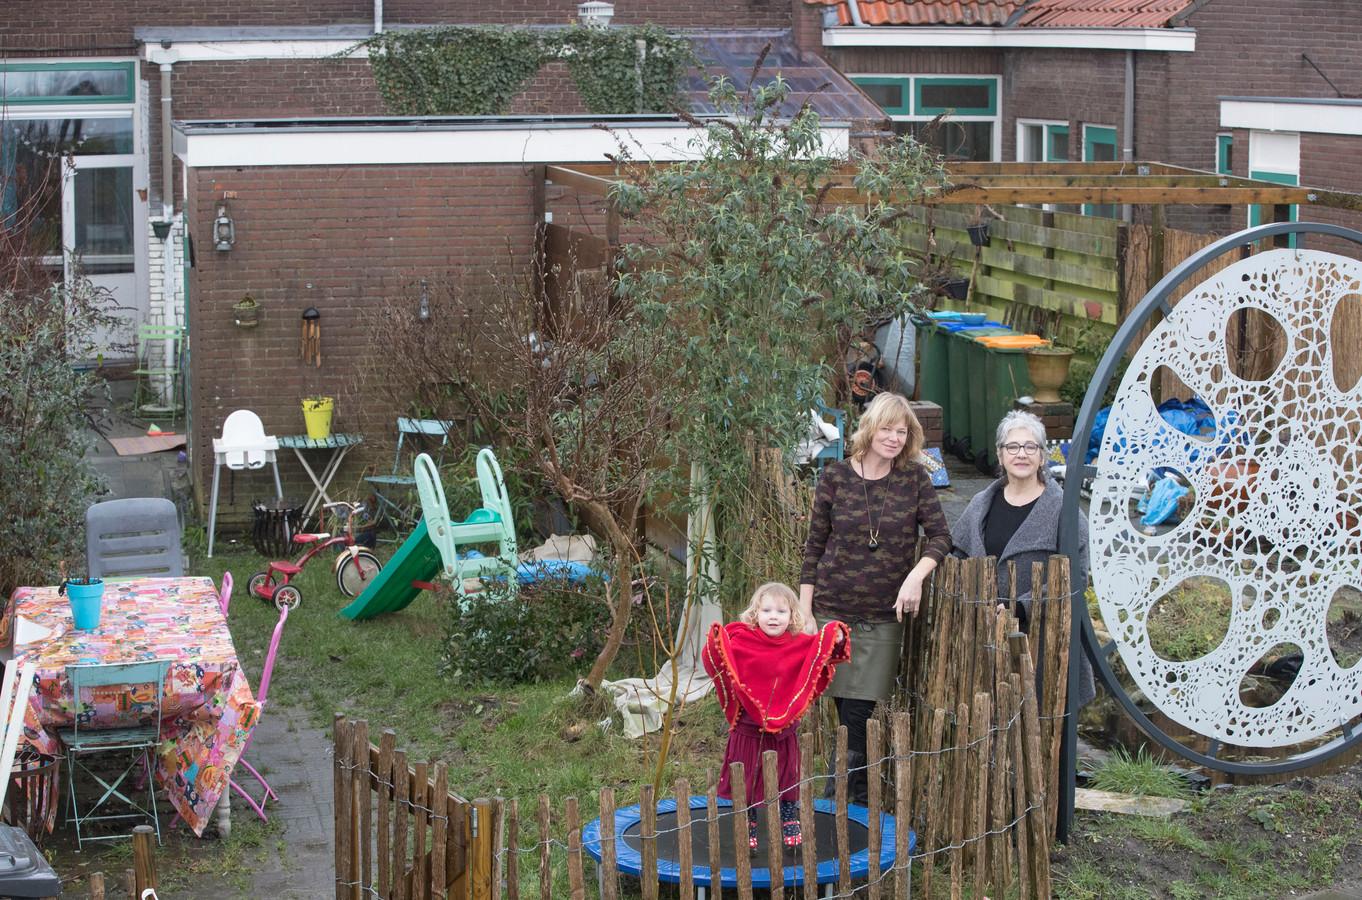 Mechteld Lureman met dochter en buurvrouw Janneke van Dijk (rechts) in met lood vervuilde tuinen